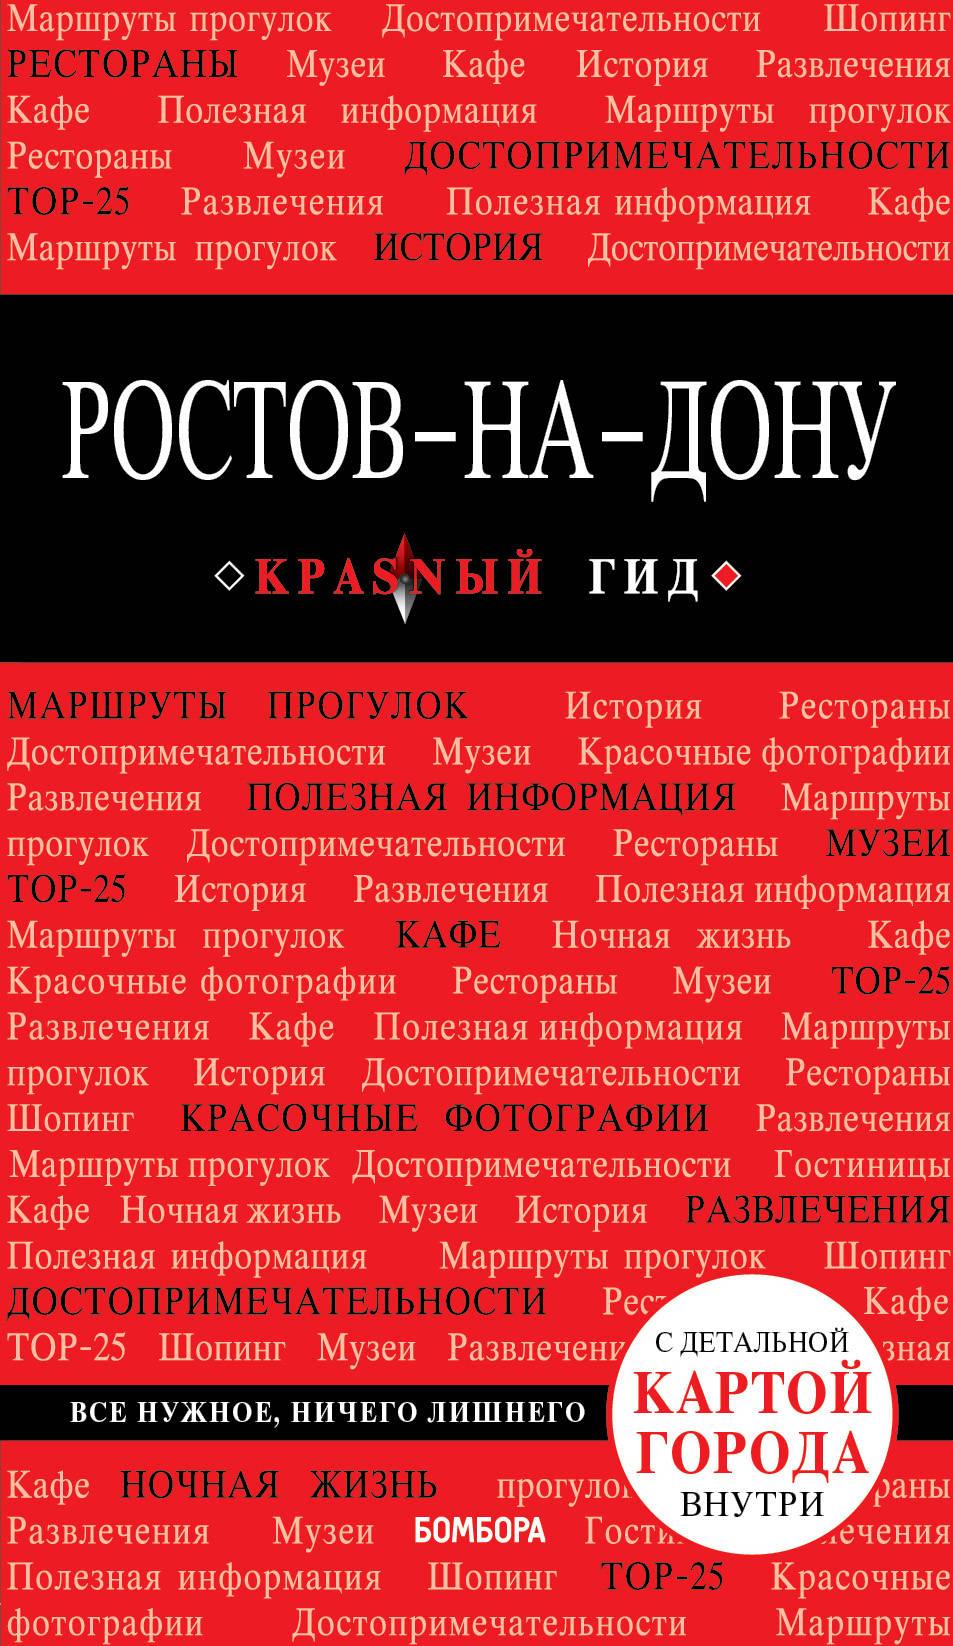 Ростов-на-Дону: путеводитель + карта билет на григория лепса в ростов на дону